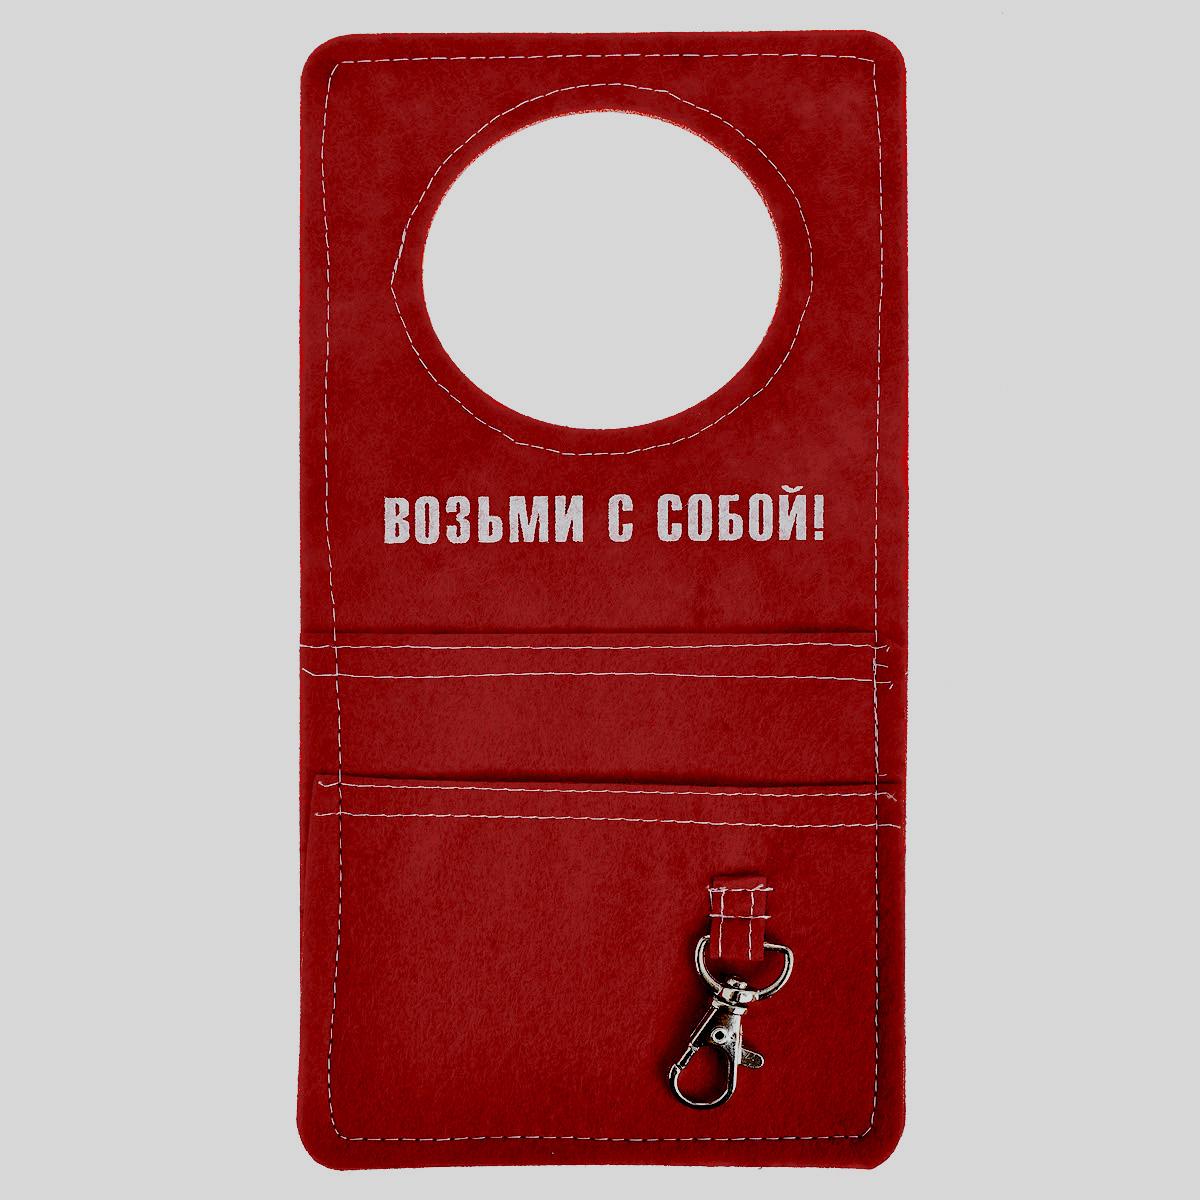 Ярлык на дверную ручку Феникс-презент Возьми с собой!, с карманами и карабином, цвет: красный, 25 см х 12 см х 0,3 см35327/48_красныйЯрлык на дверную ручку Феникс-презент Возьми с собой! изготовлен из фетра и предназначен для хранения разнообразных записок. Изделие обладает двумя кармашками разной глубины и металлическим карабином для ключей. Ярлык очень легко крепится на любой ручке двери. Ярлык станет прекрасным дополнением к интерьеру и поможет ничего не забыть благодаря напоминающей надписи. Также он станет приятным и необычным подарком для друзей. Размер карманов: 10,5 см х 10,5 см; 10,5 см х 7,5 см.